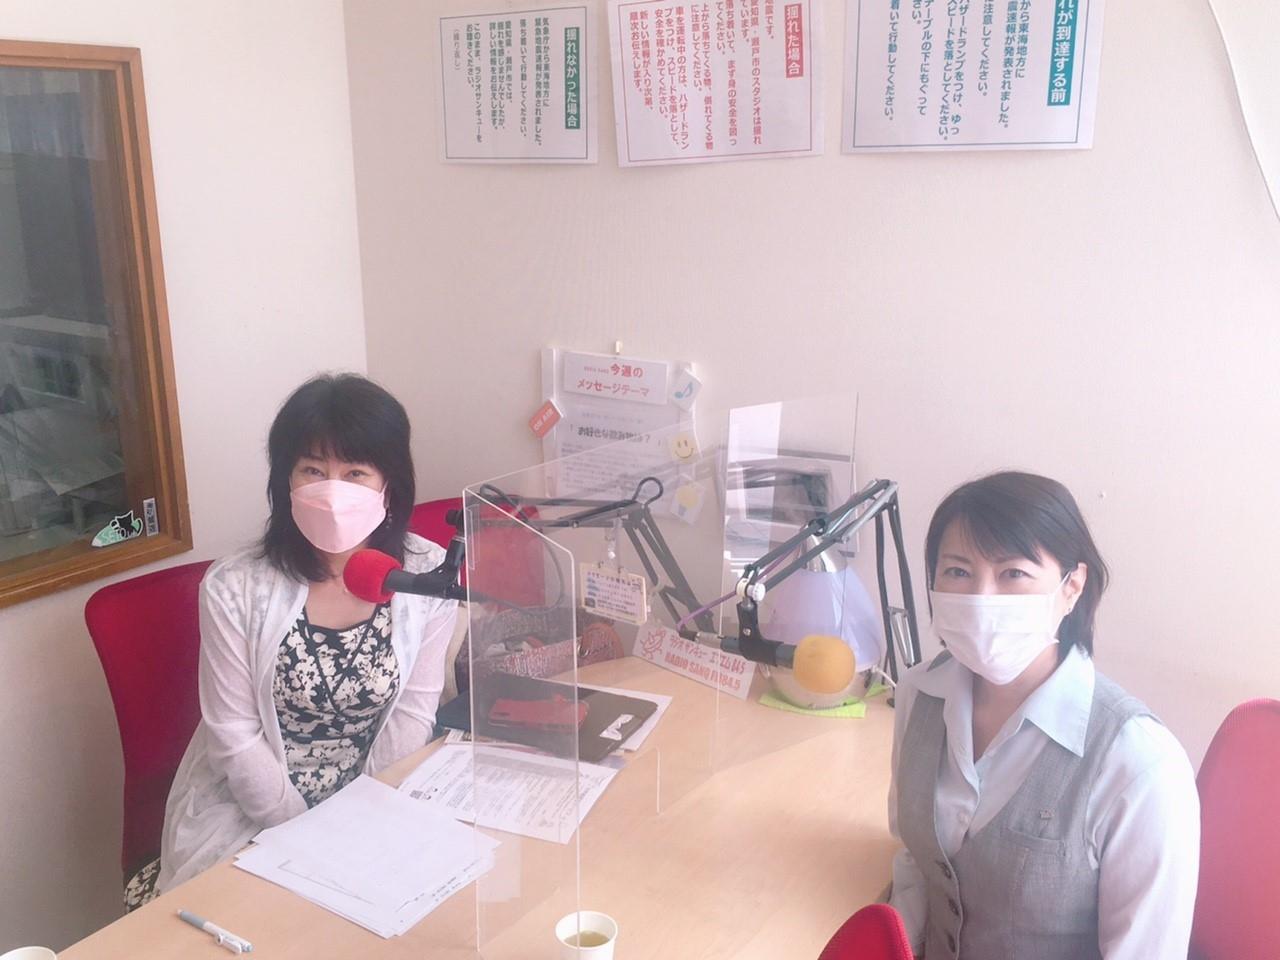 ともみと茶飲み 有限会社トリオ商事 加藤紀美子さん